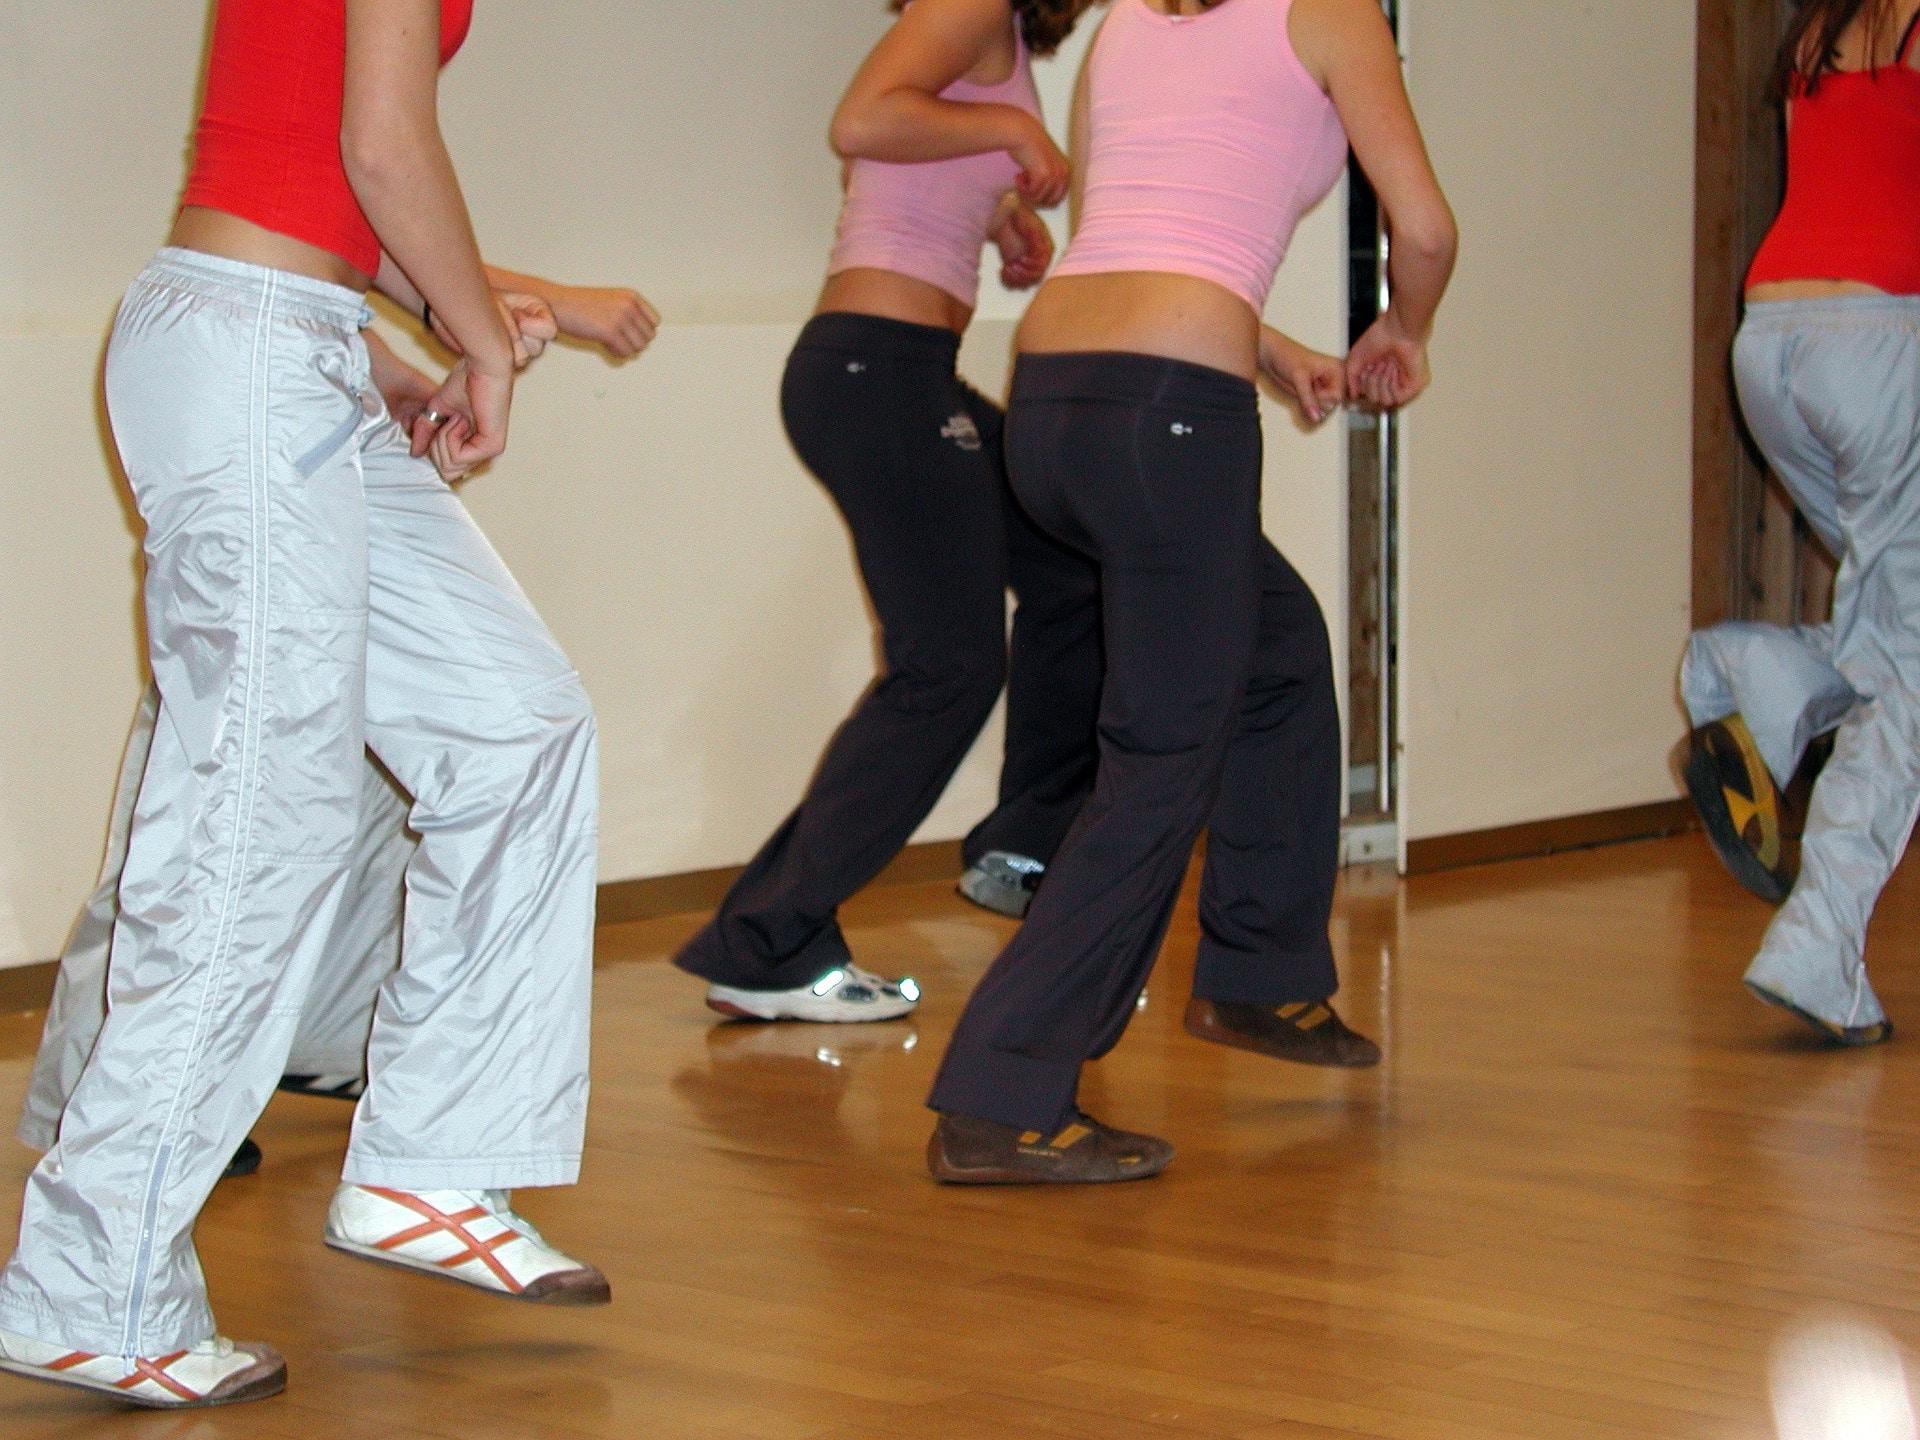 Jedna lekce aerobicu vám dá také pořádně zabrat / foto: pixabay.com